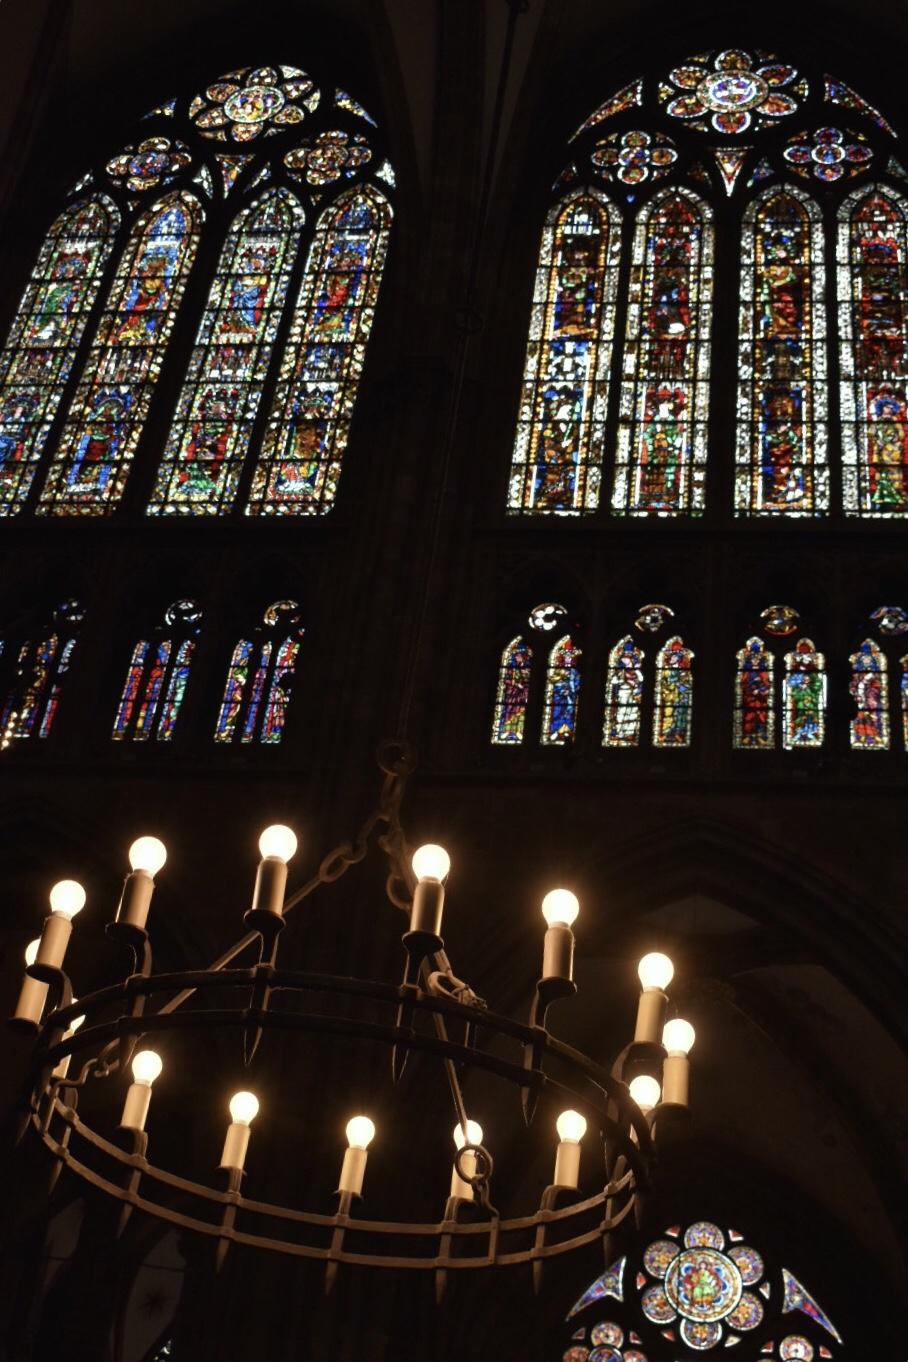 Kronleuchter vor den Kirchenfenster der Kathedrale